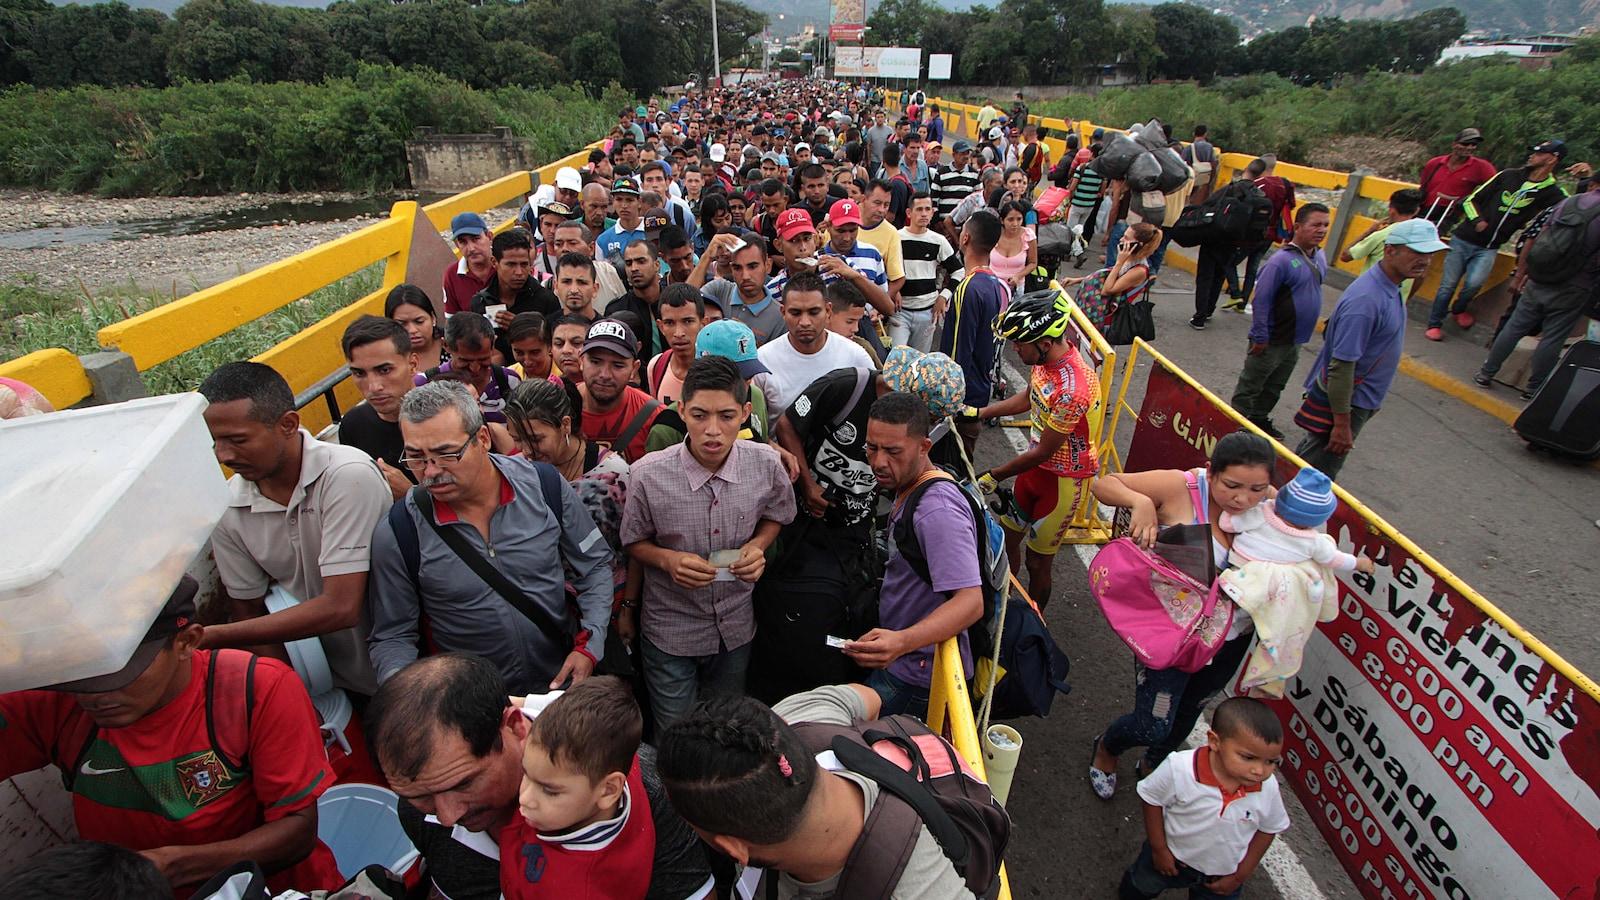 Une longue file de personnes attend sur le pont.